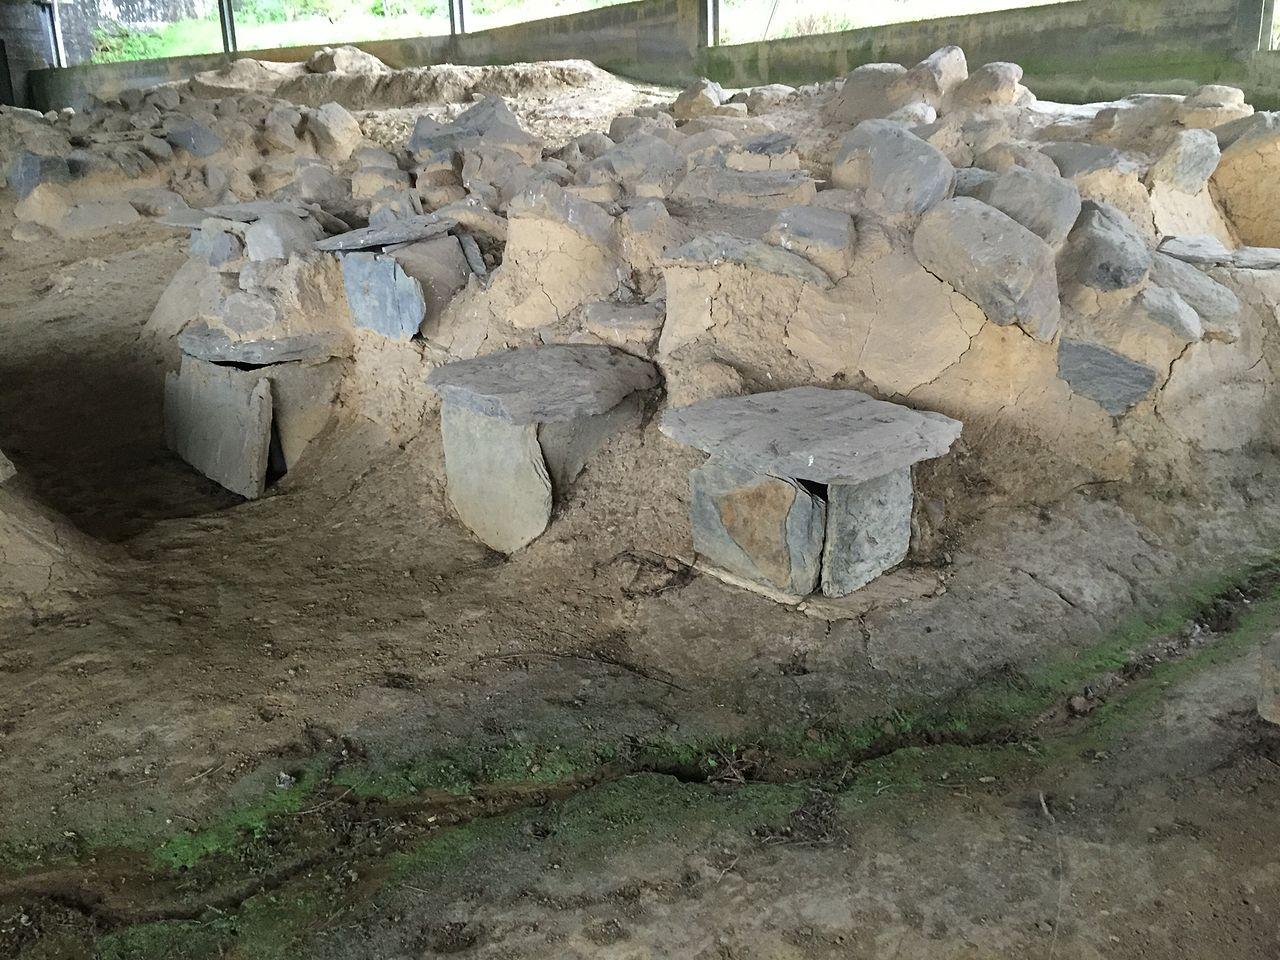 Necropoli preromana di Ameglia-Cafaggio (necropoli, area ad uso funerario) - Ameglia (SP)  (Epoca preromana)